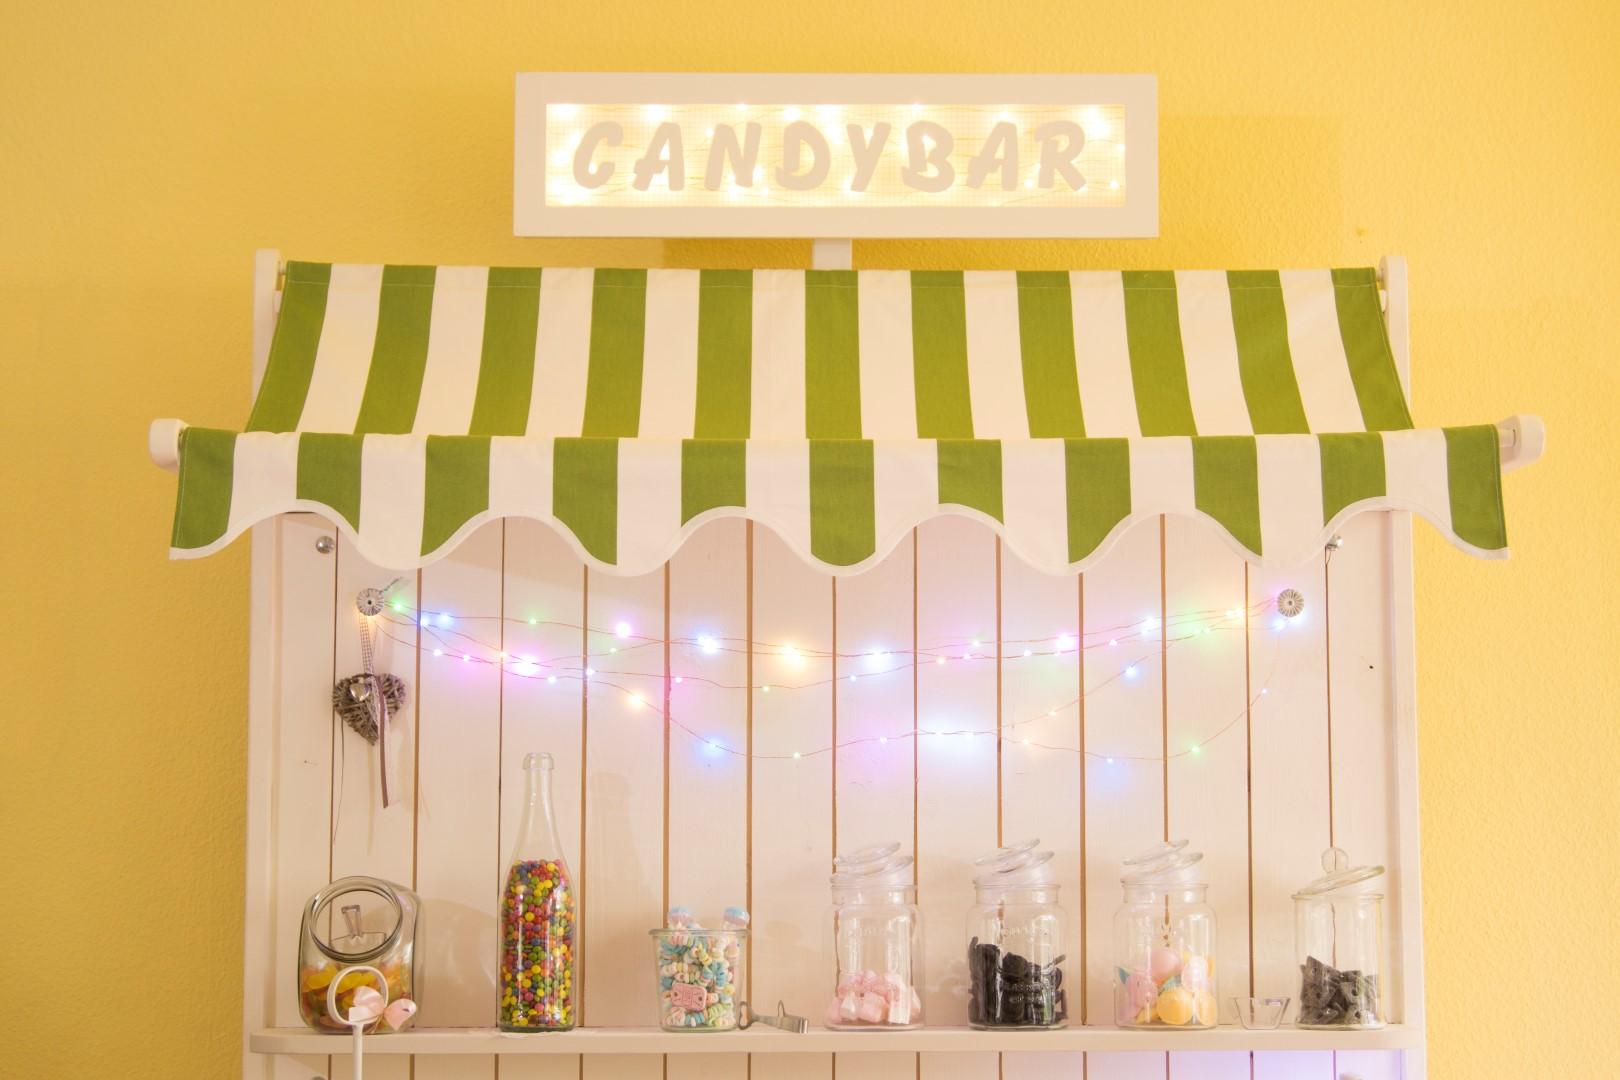 Die Feinheiten sind Euer Vorteil! – Candybar Colonia